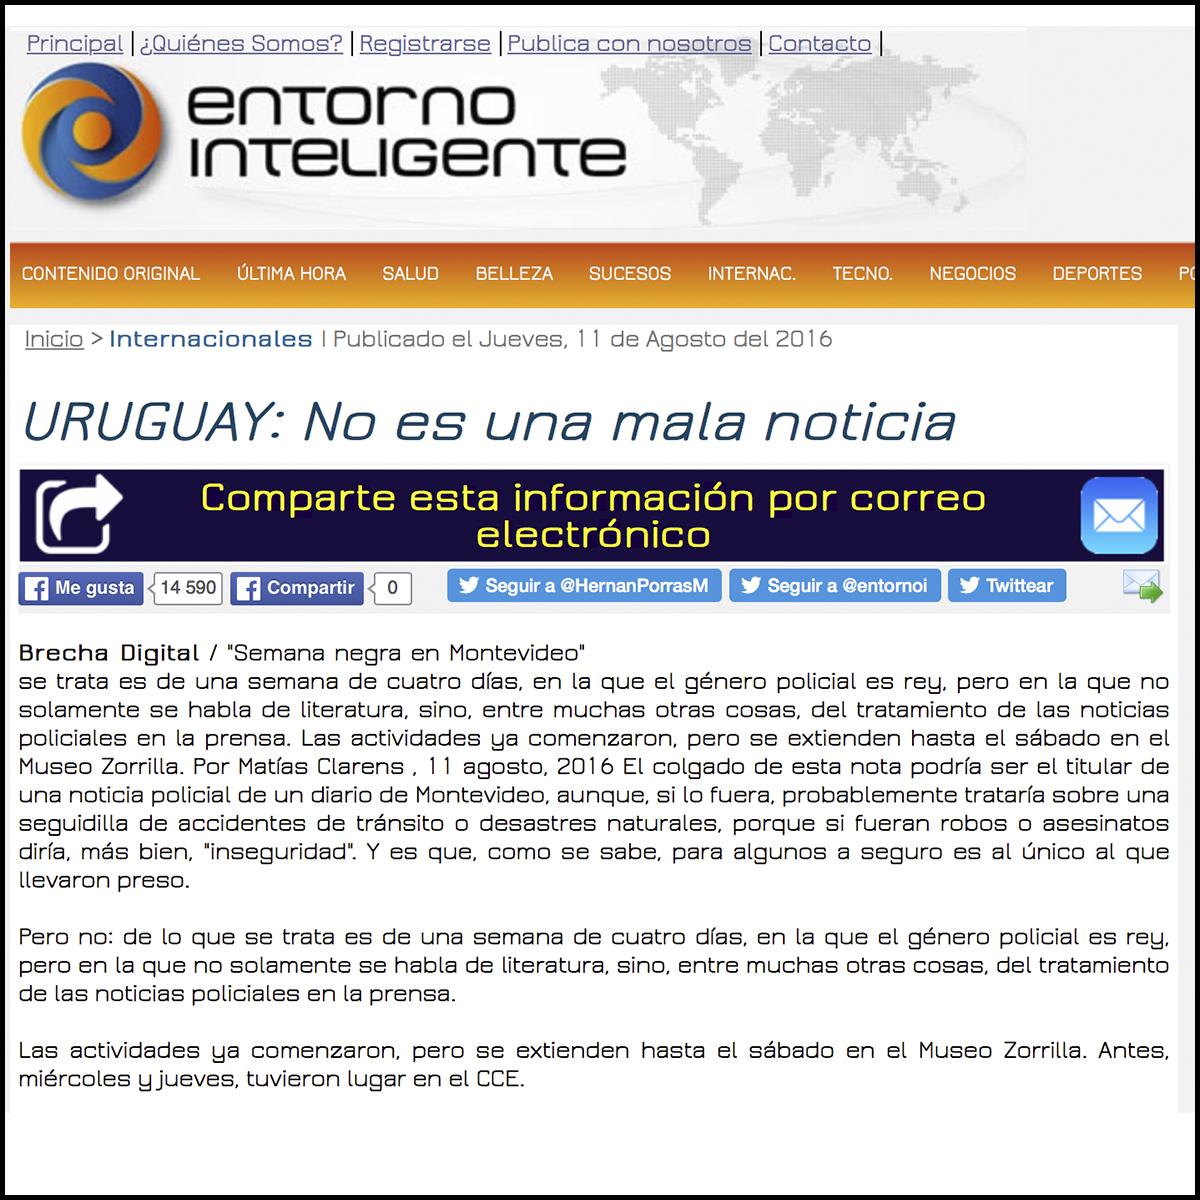 Prensa_13